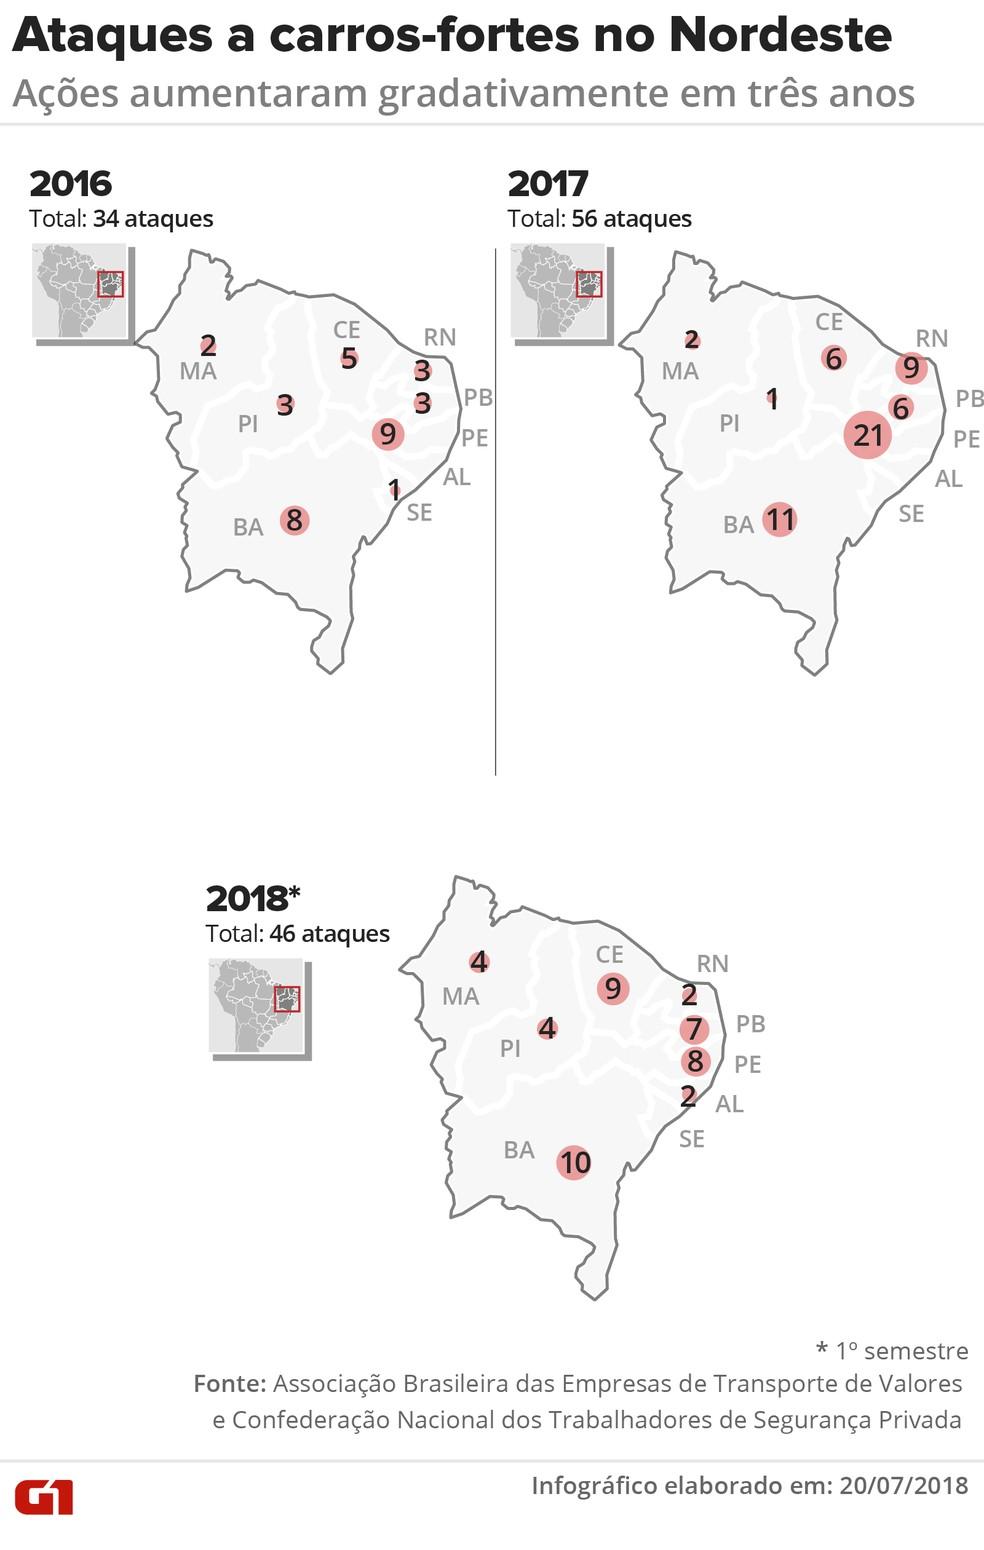 Ataques a carros-fortes no Nordeste desde 2016 até o 1° semestre de 2018 (Foto: Juliane Souza e Karina Almeida)